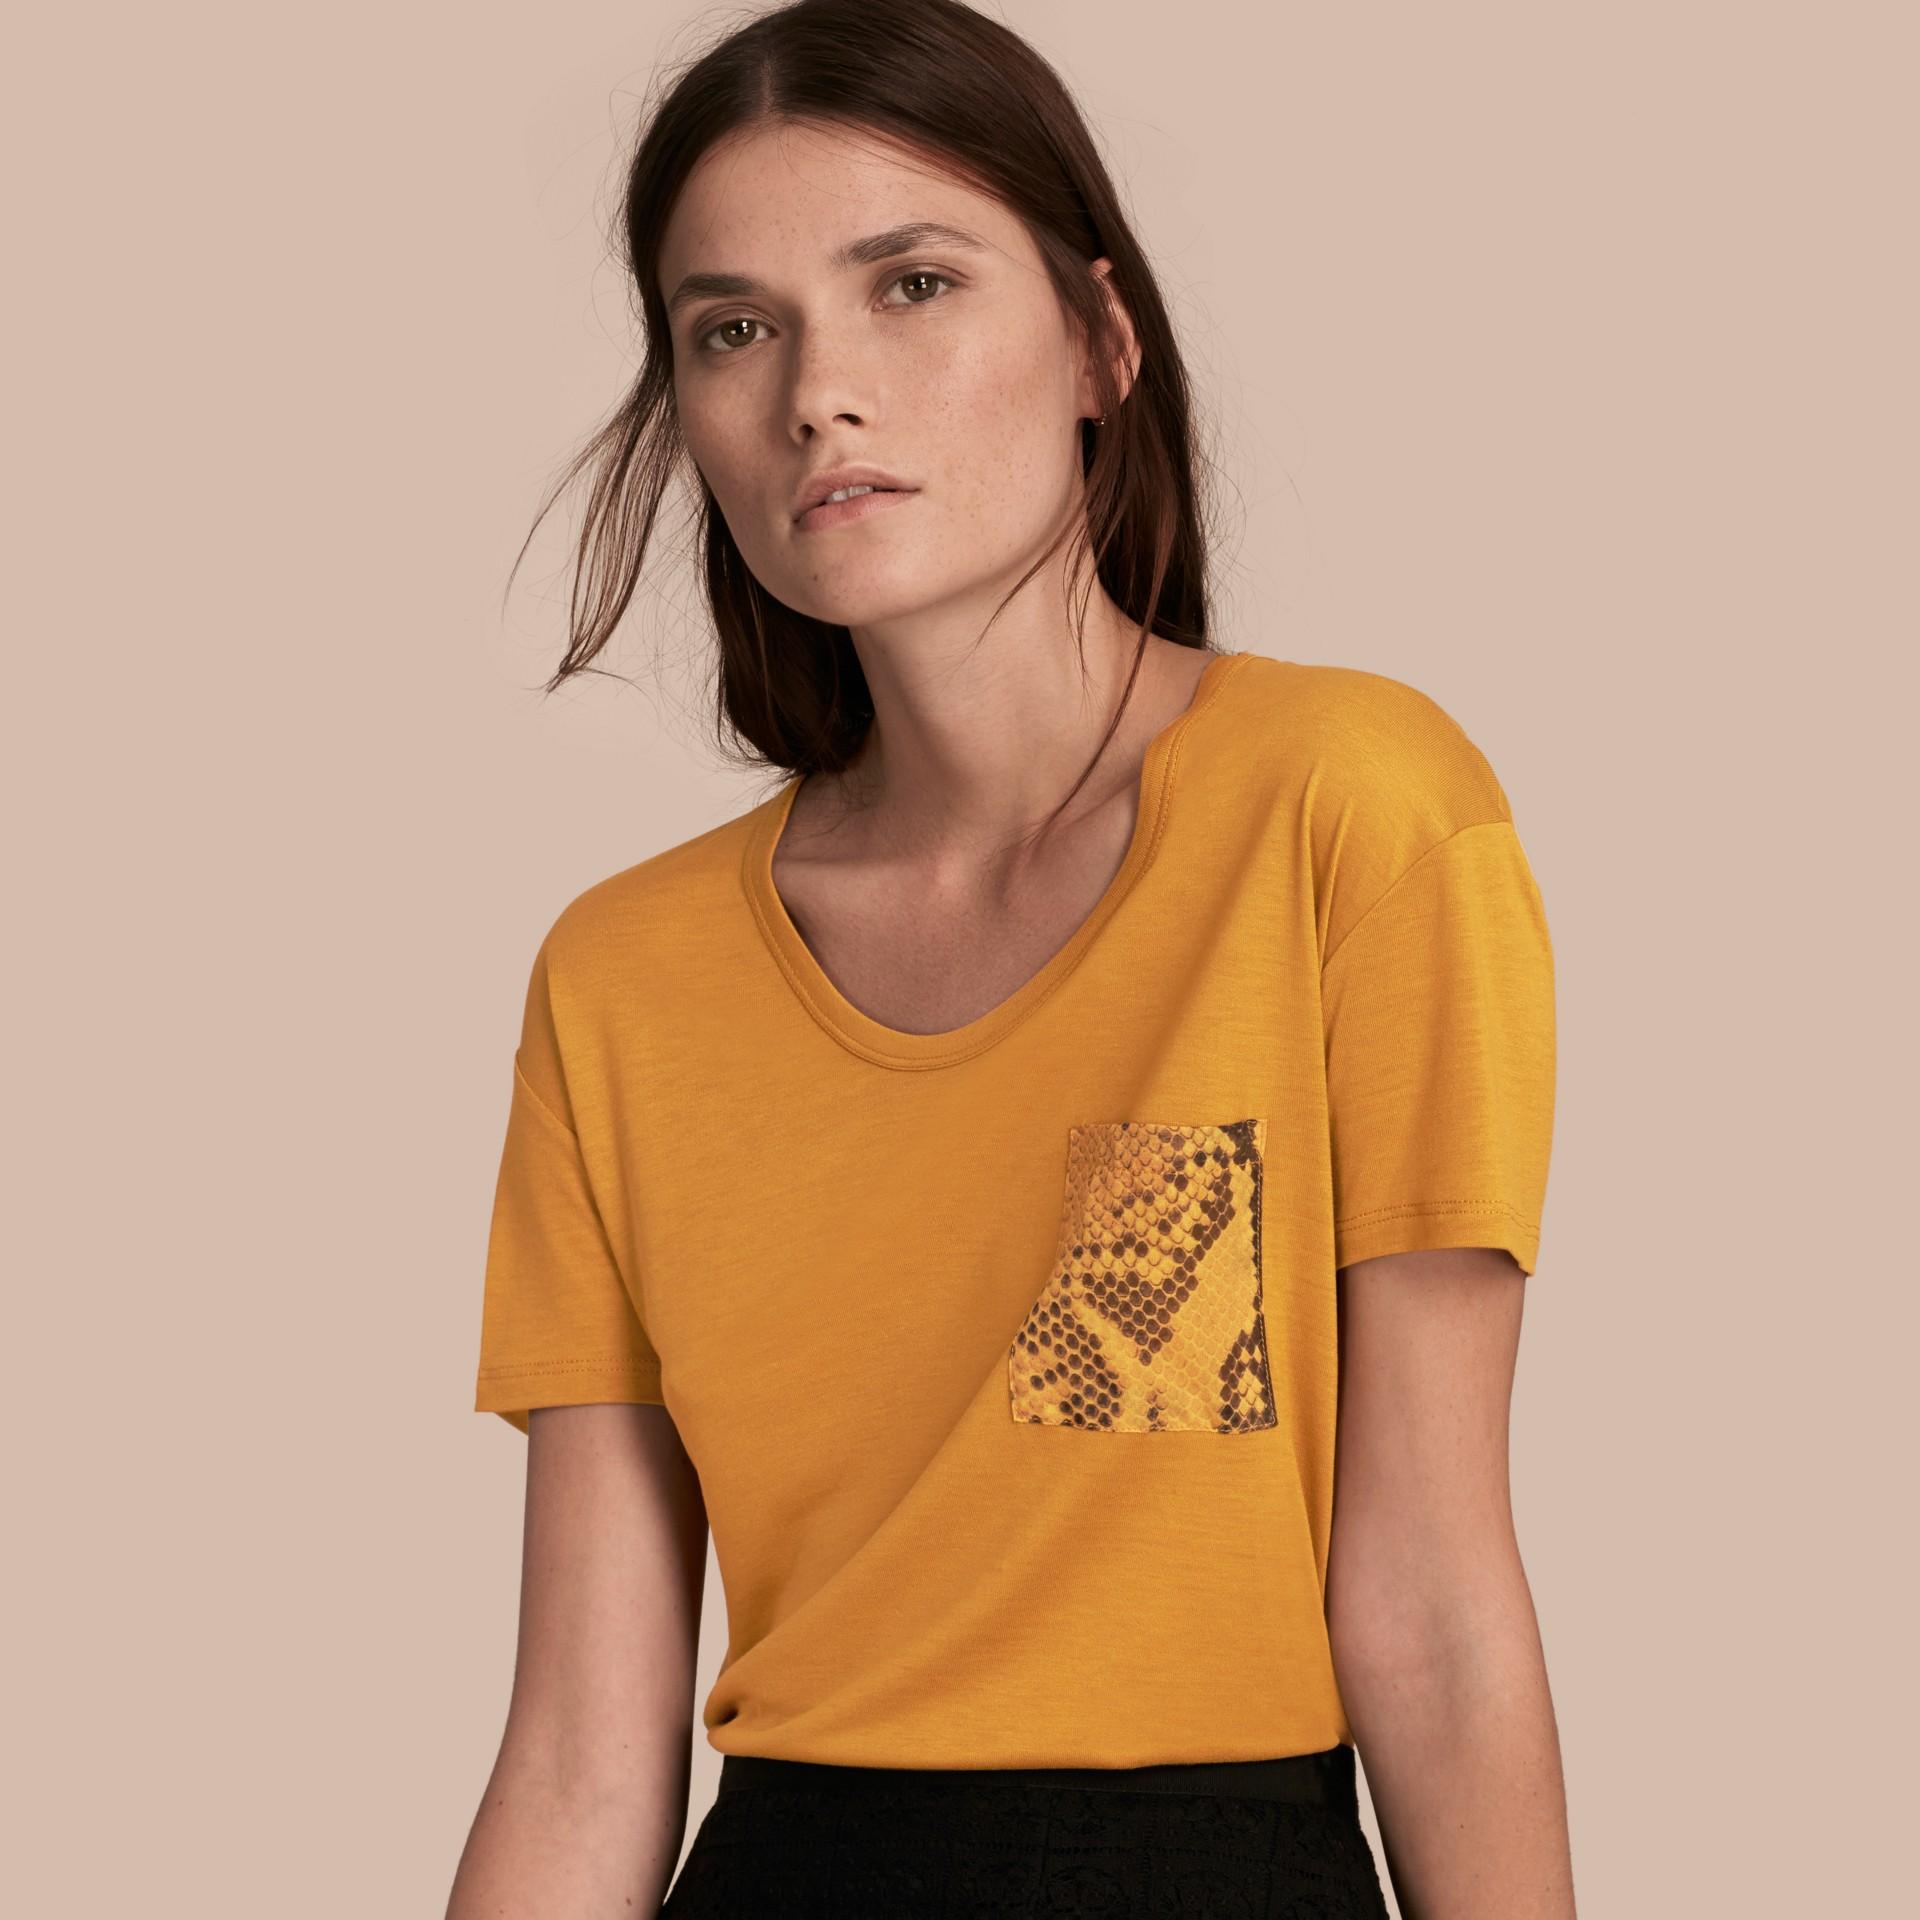 Ambra T-shirt con dettaglio con stampa pitone Ambra - immagine della galleria 1